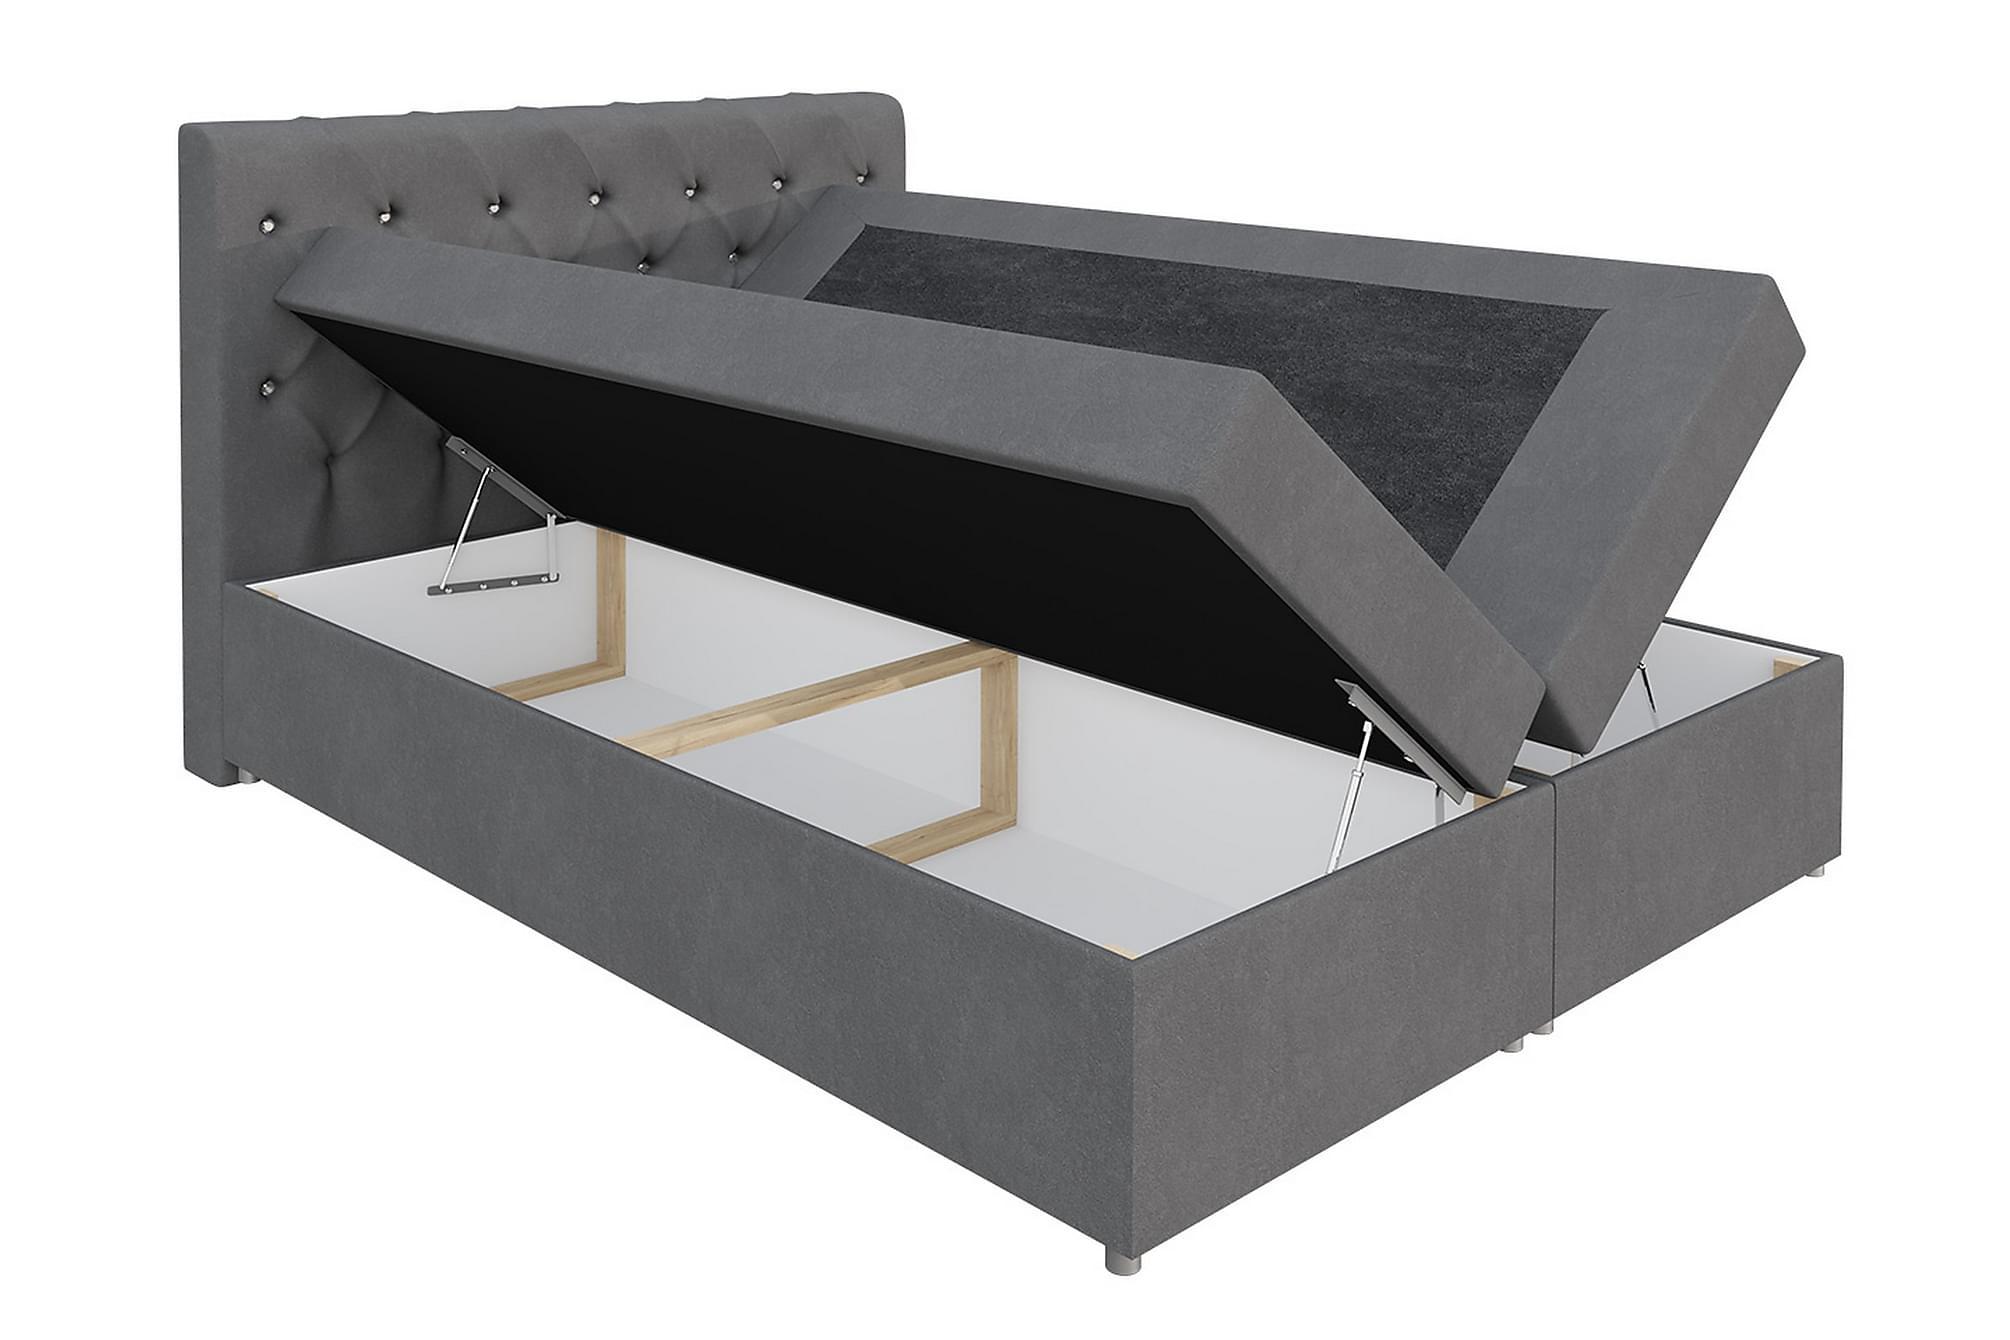 DANNI Sängpaket 120x200 cm Grön, Sängar